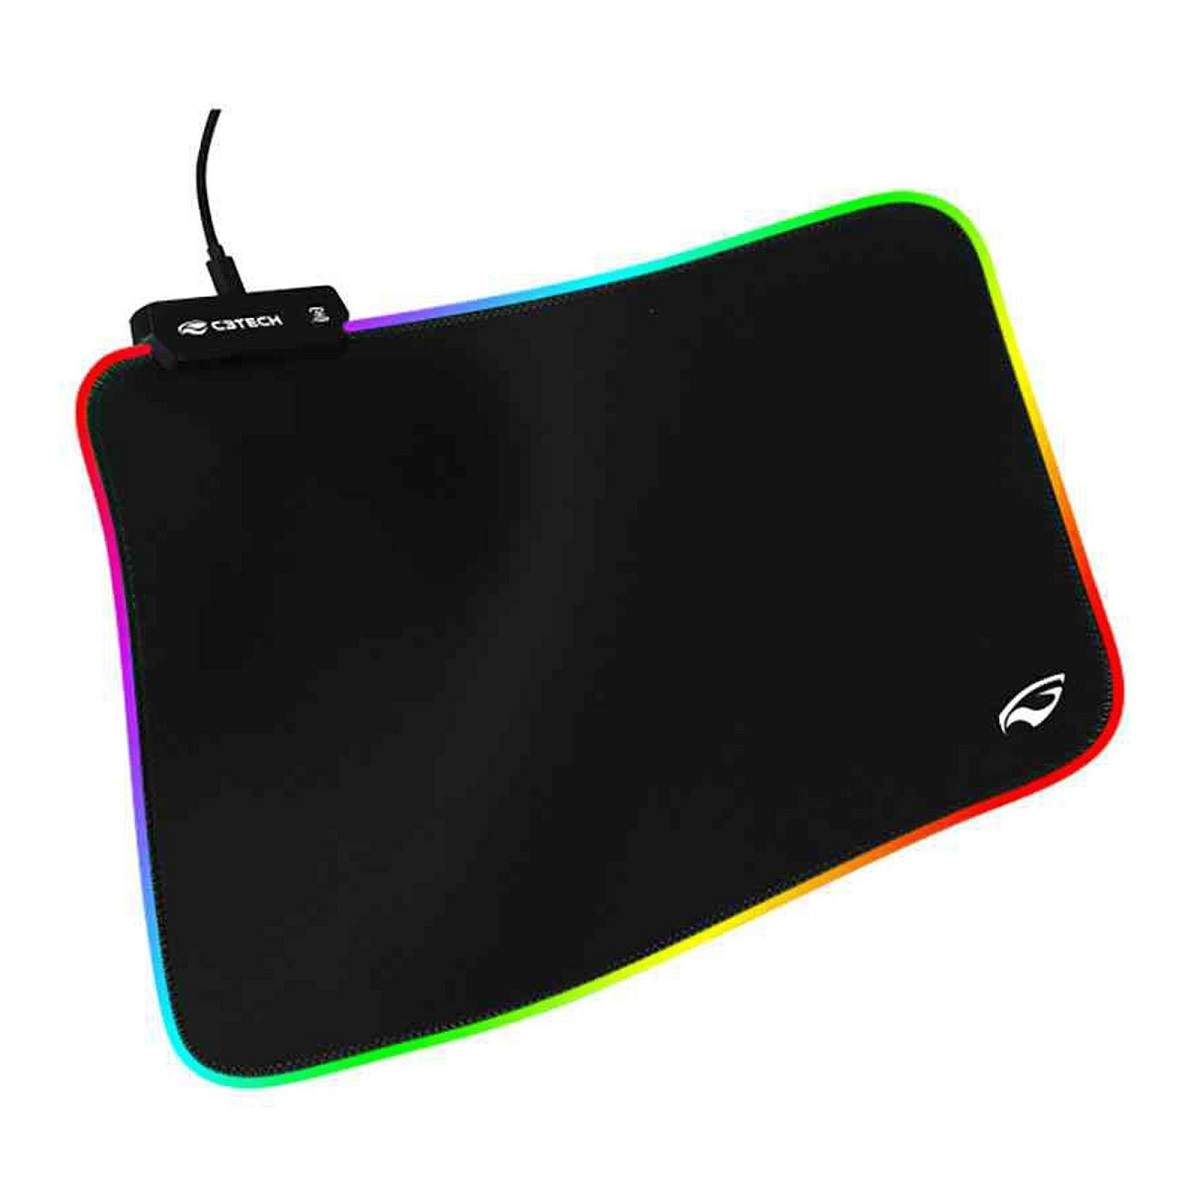 Mouse Pad Gamer com Led C3TECH MP-G2100BK